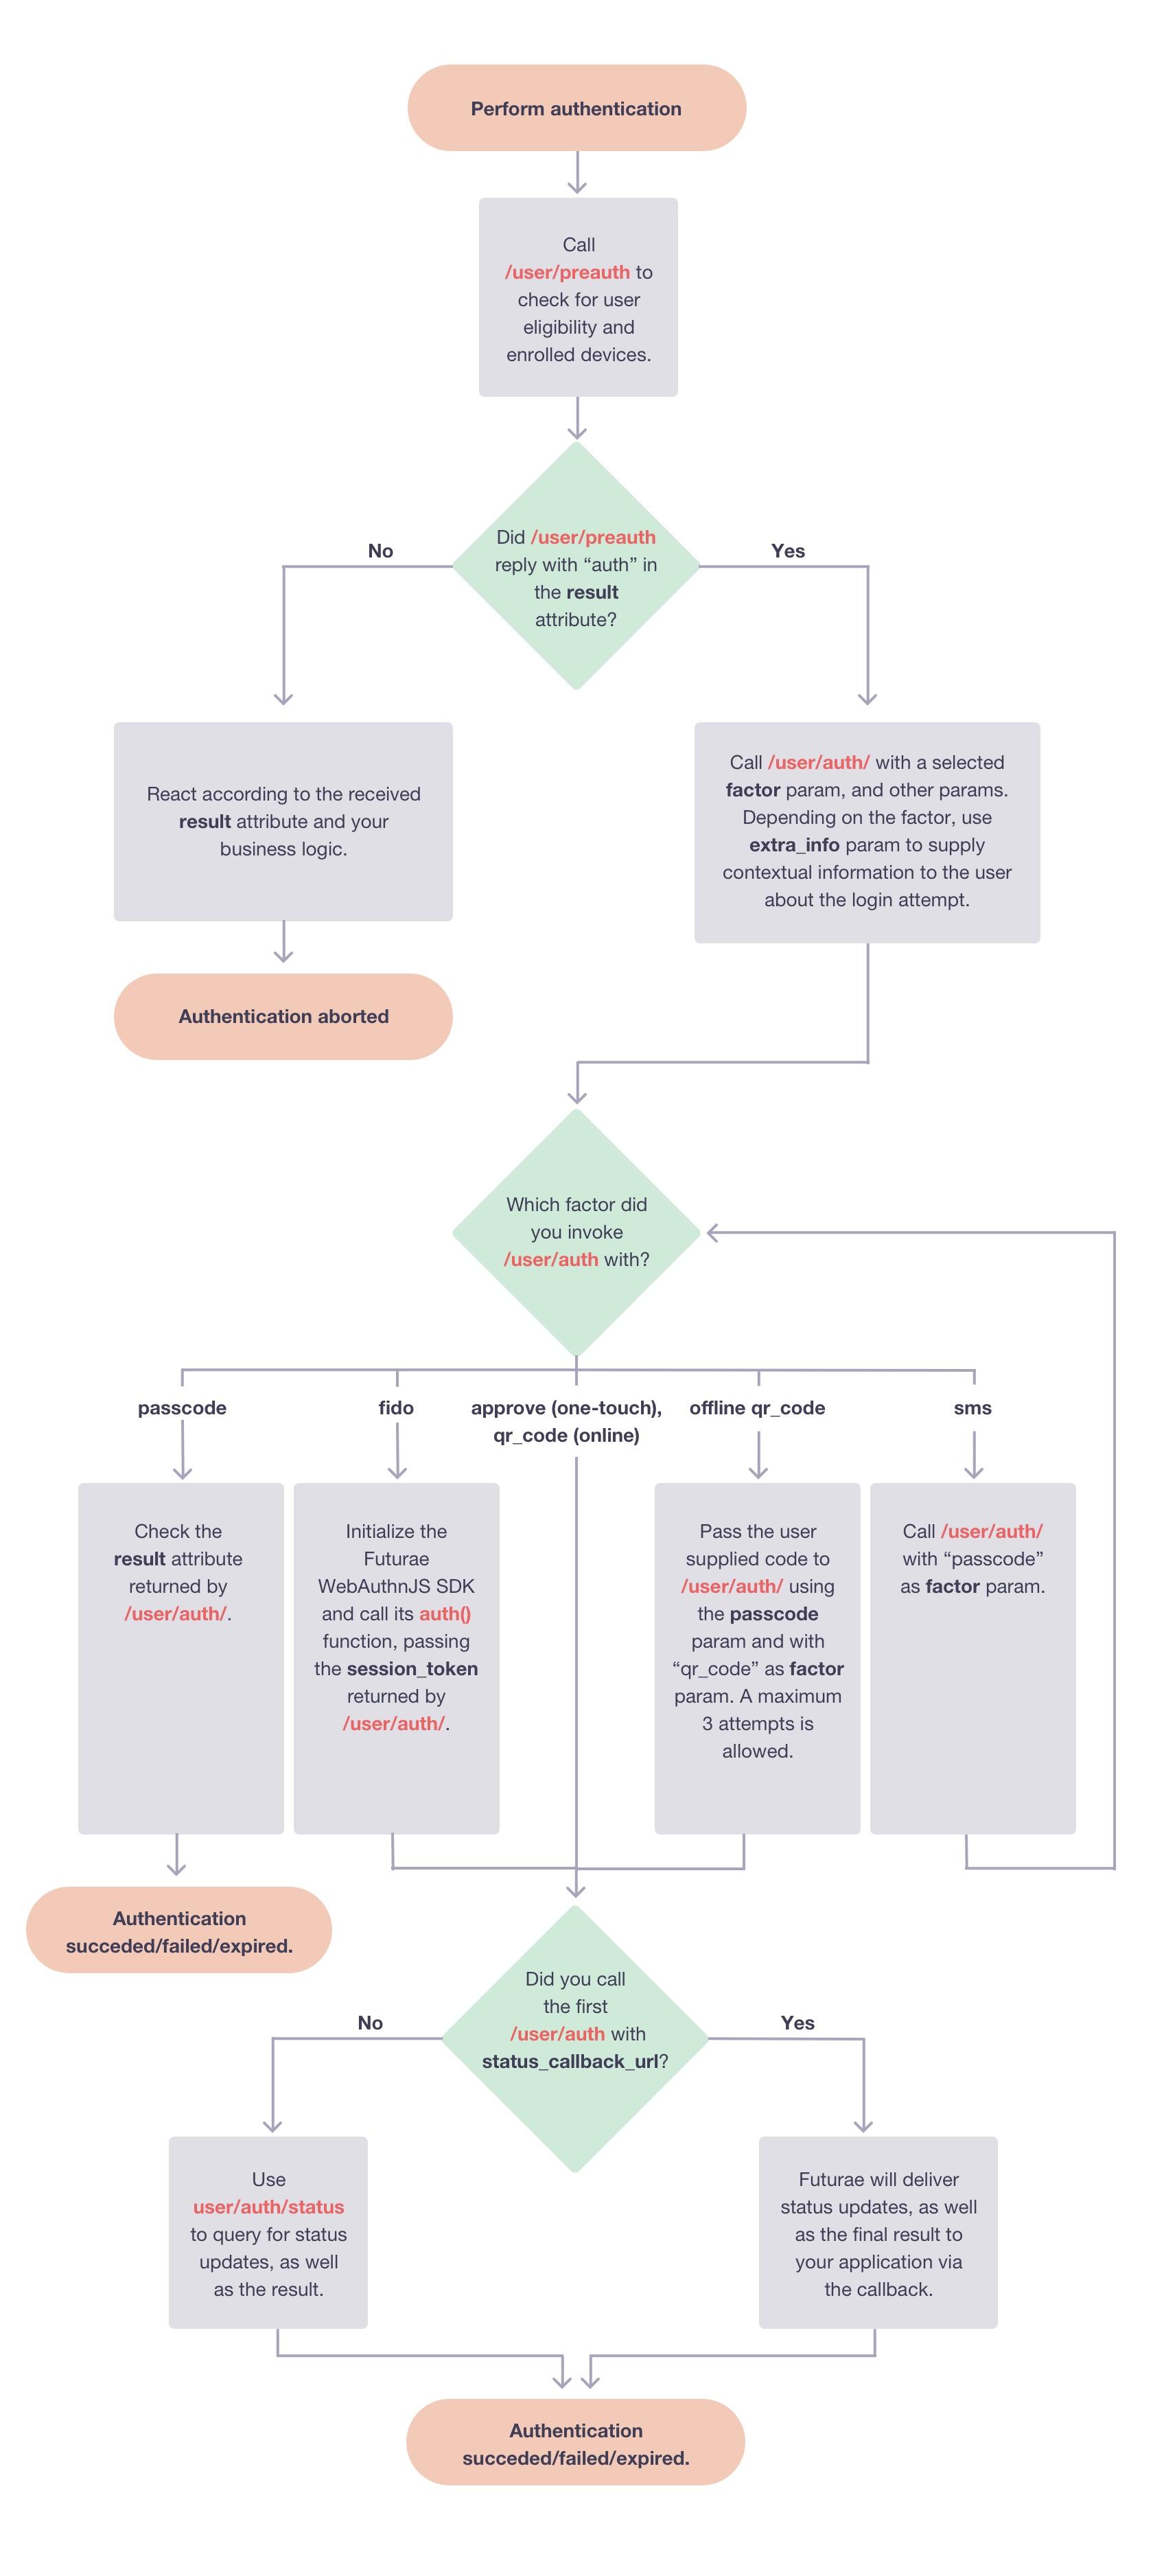 auth_api_authentication_flow